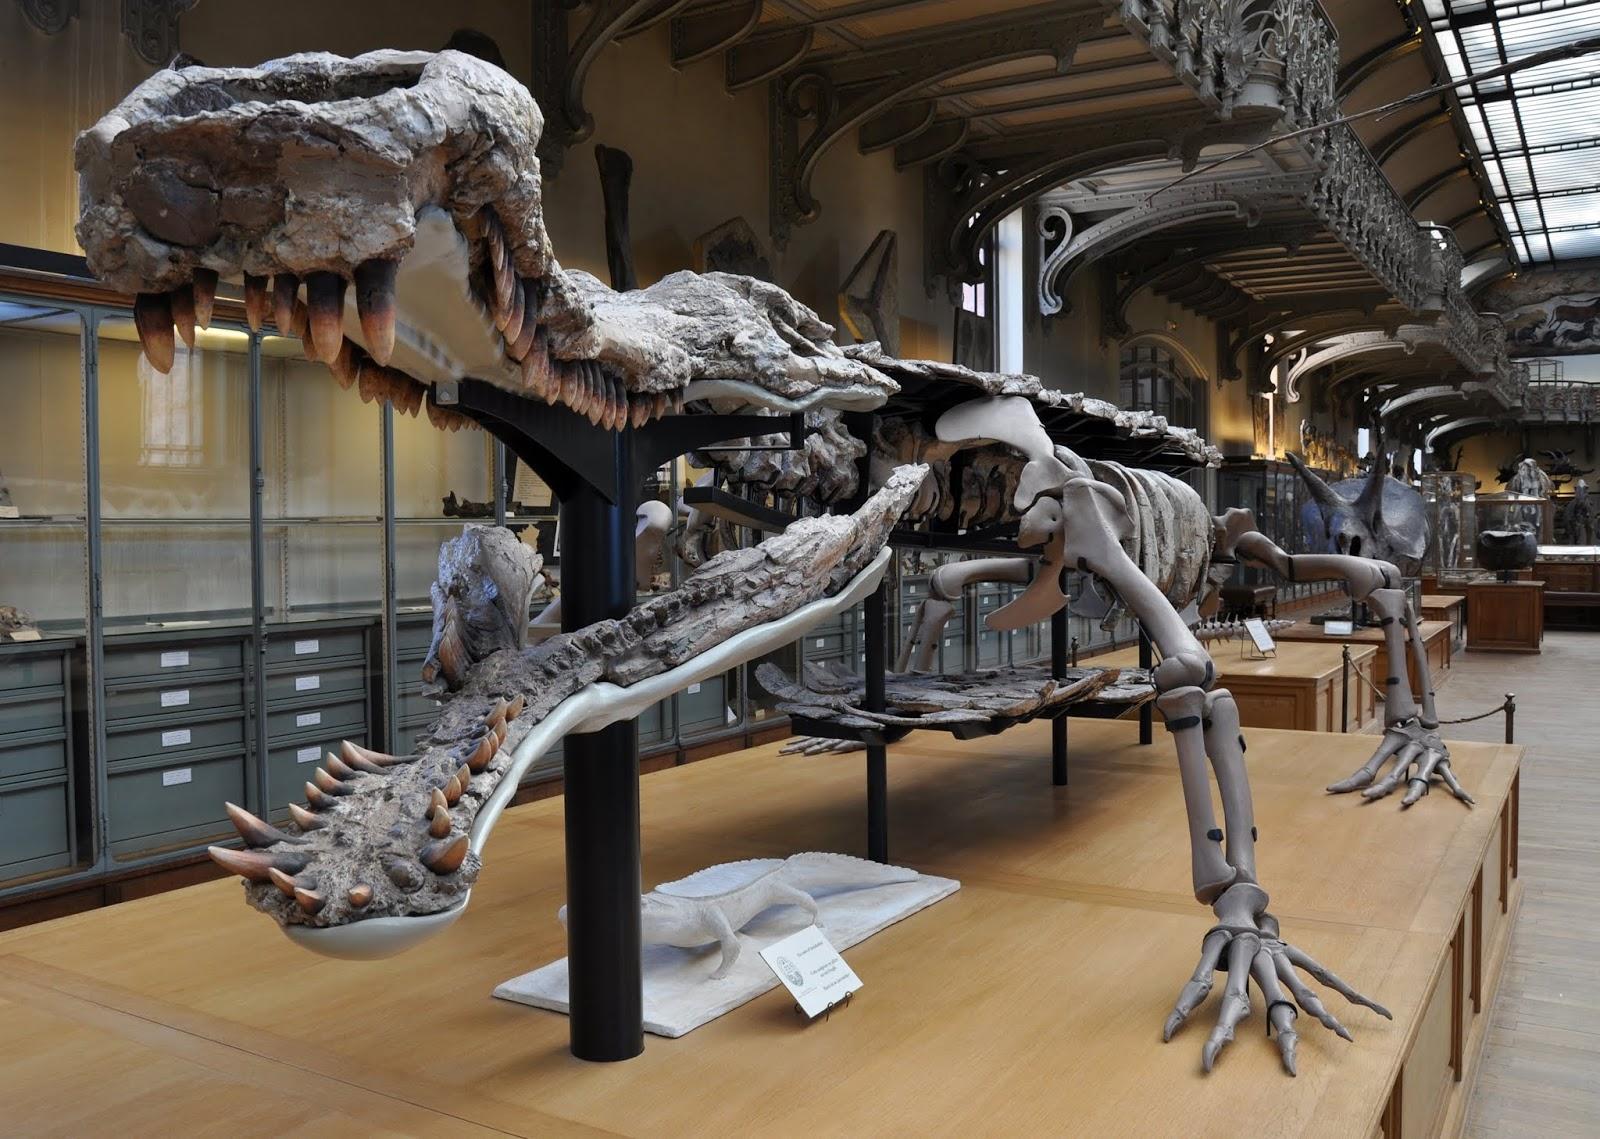 ये हे दुनिया का सबसे बड़ा मगरमच्छ जो डायनासोर को भी खा जाते थे | Sarcosuchus: Largest Prehistoric Crocodile Ever